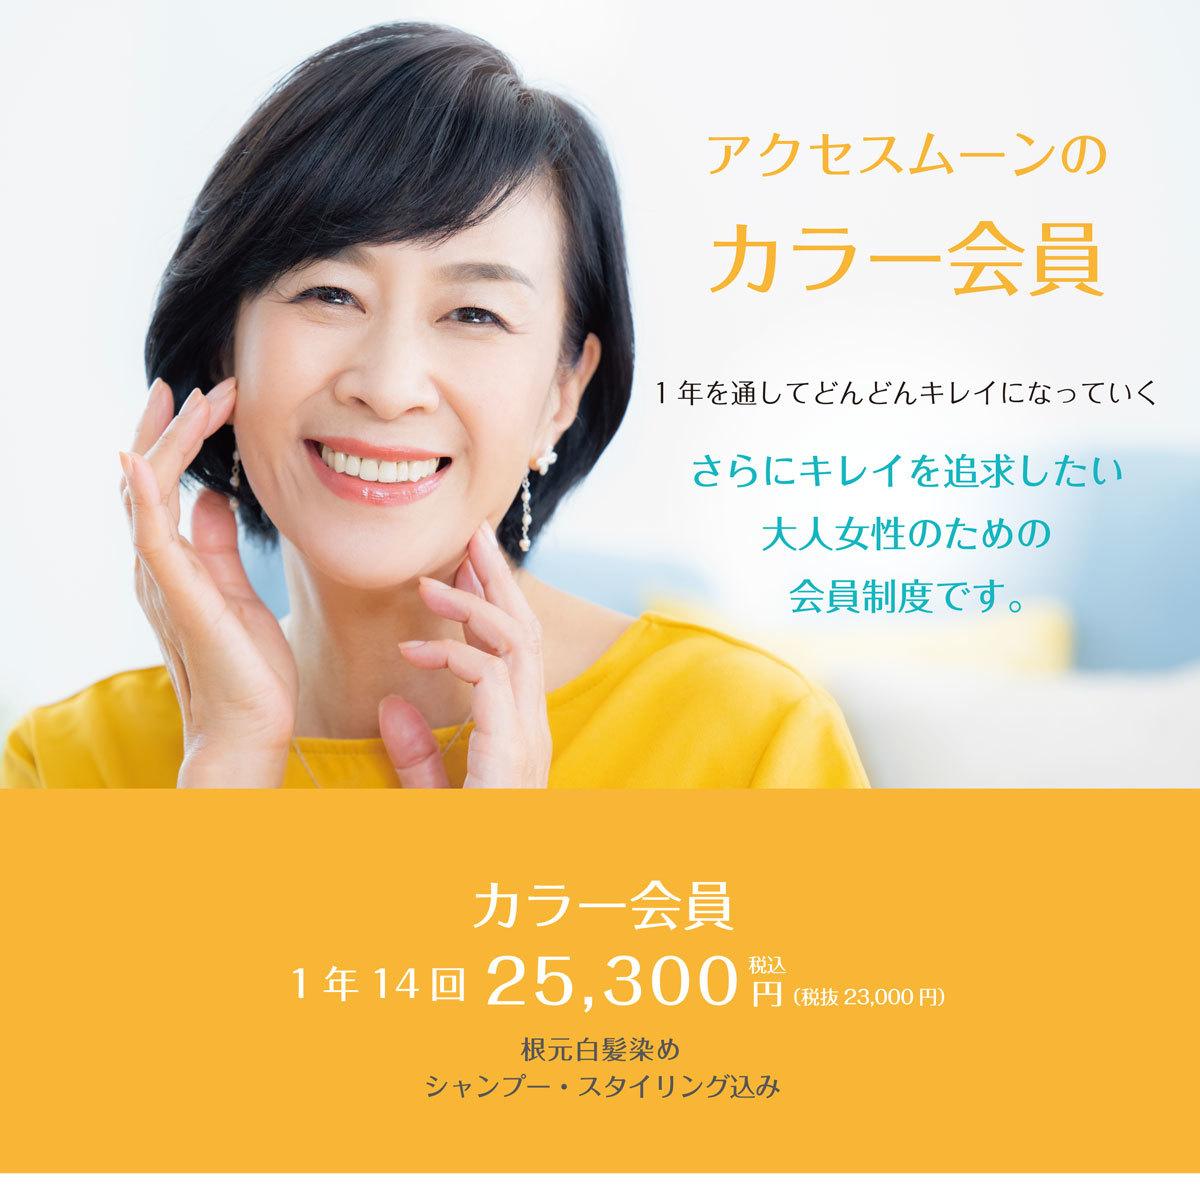 ▼ アクセスムーン カラー会員 入会受付中! ▼